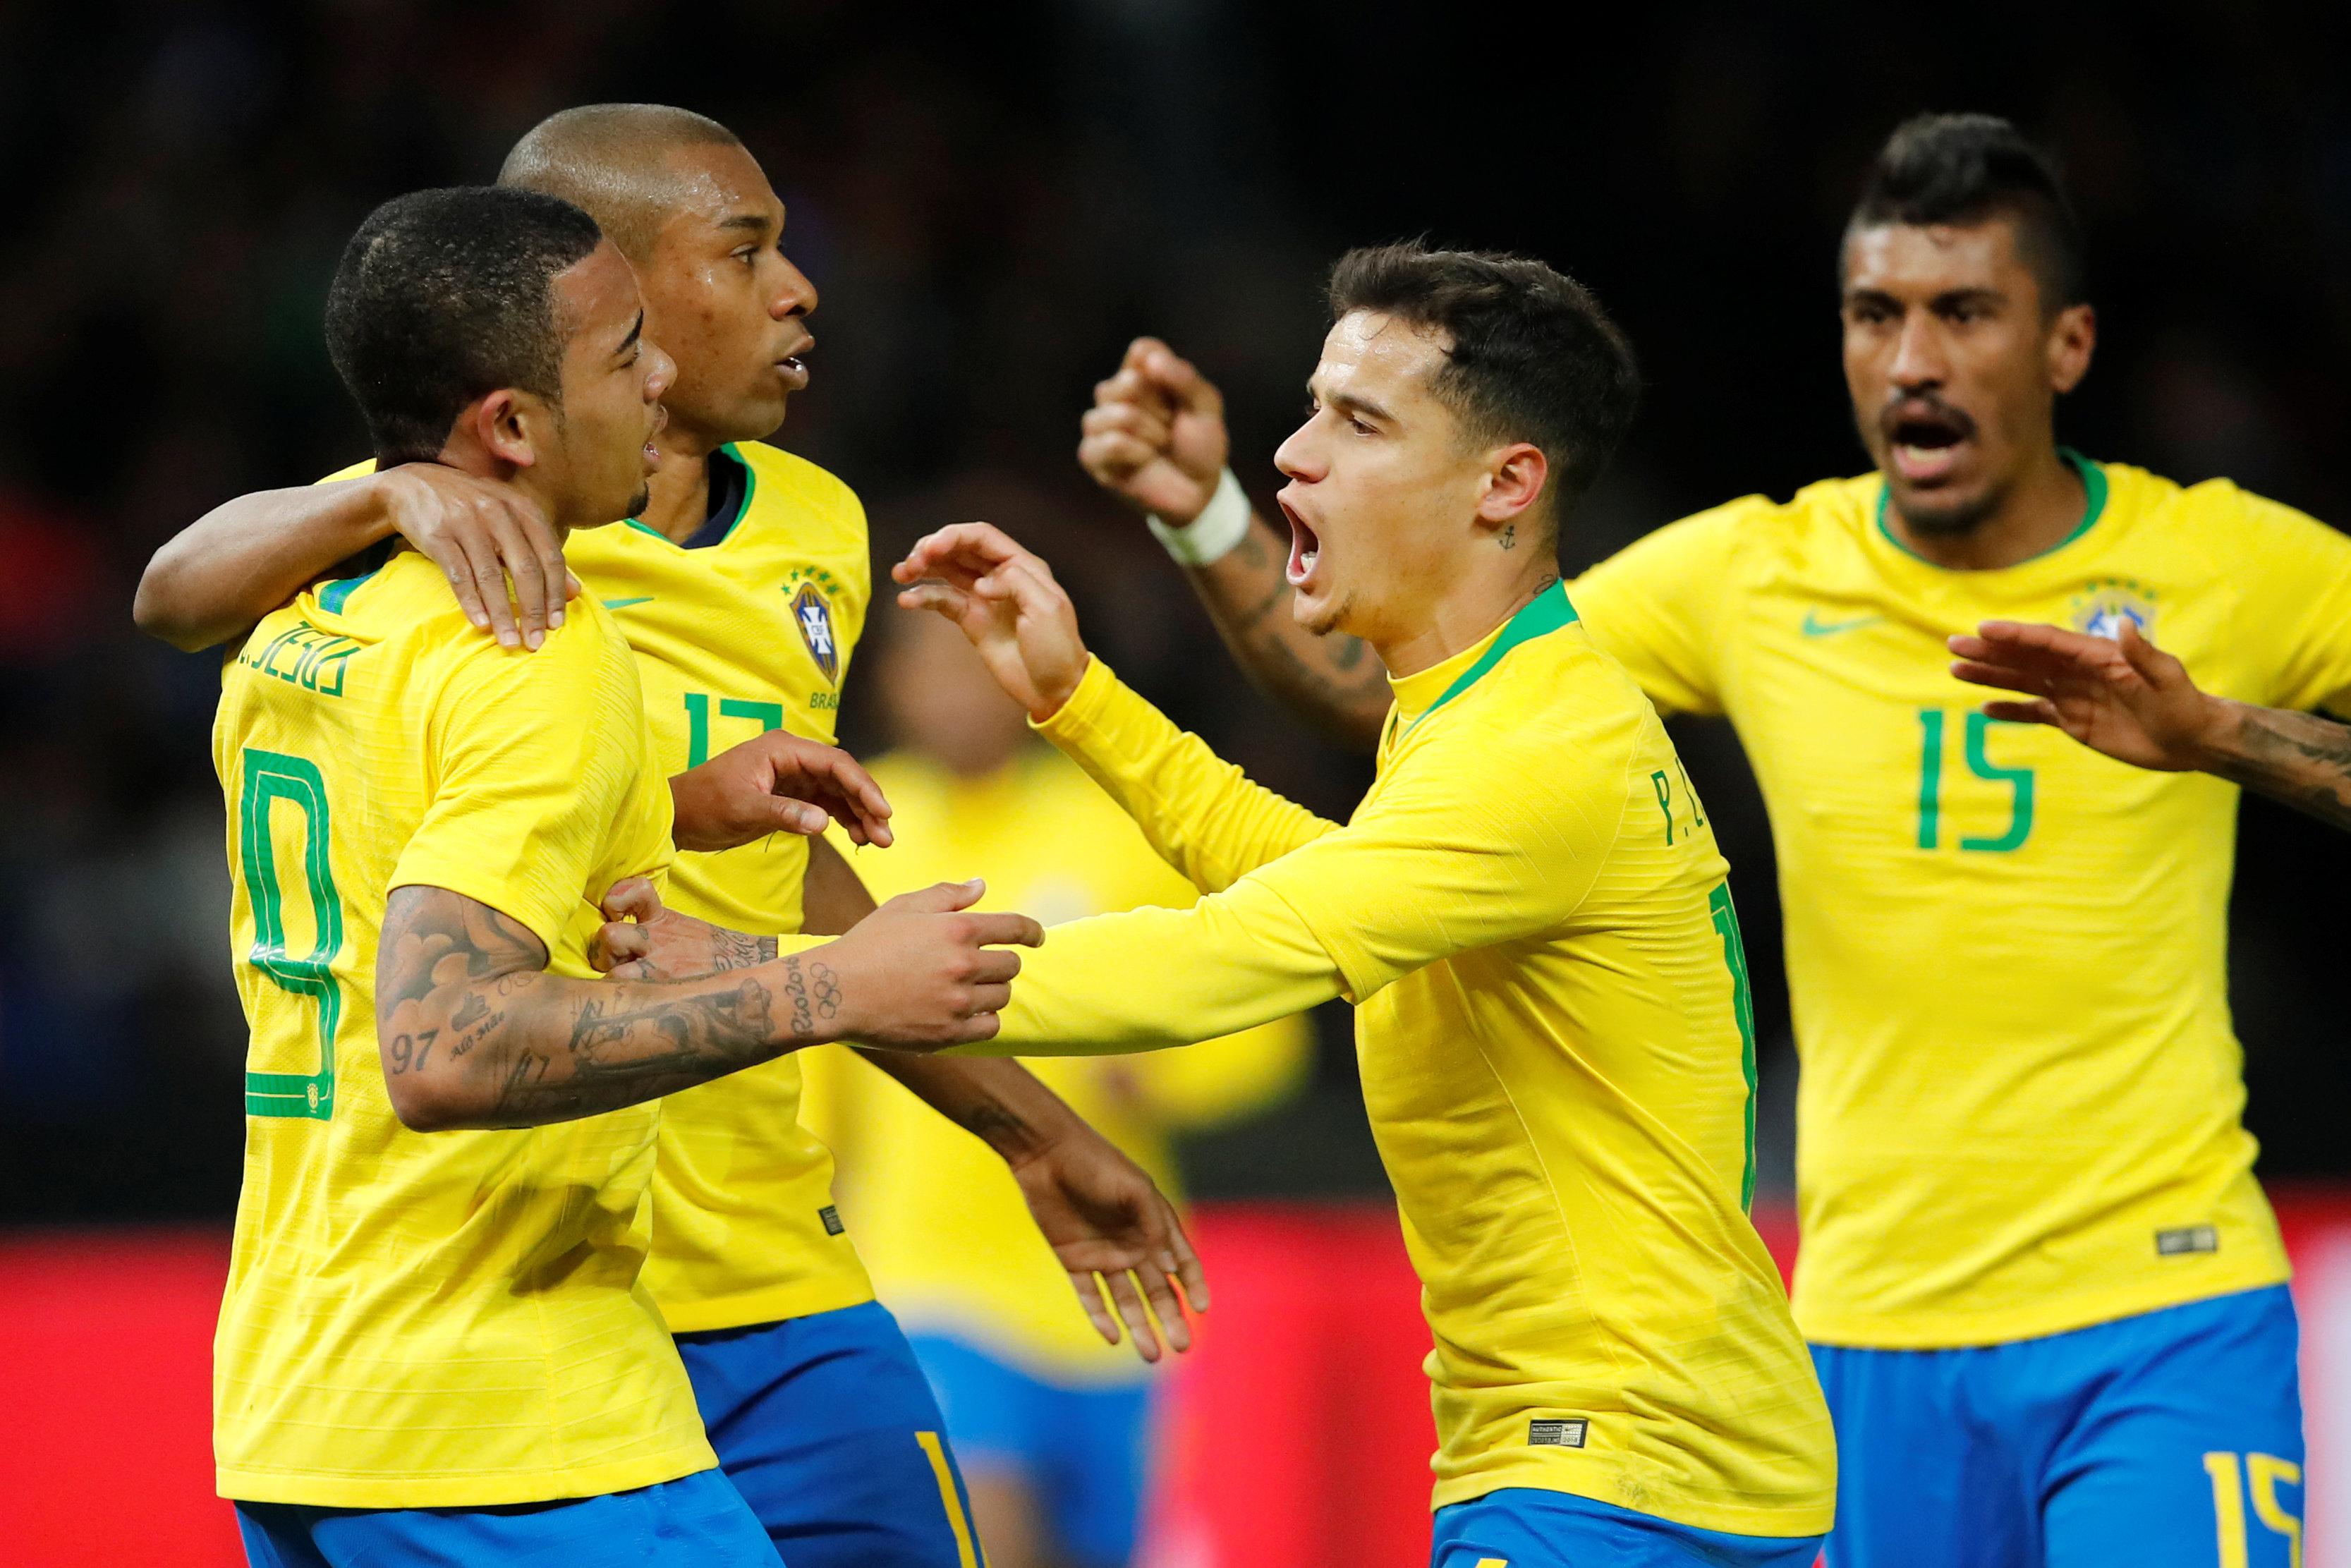 Niềm vui của các cầu thủ Brazil sau khi ghi bàn vào lưới Đức. Ảnh: REUTERS